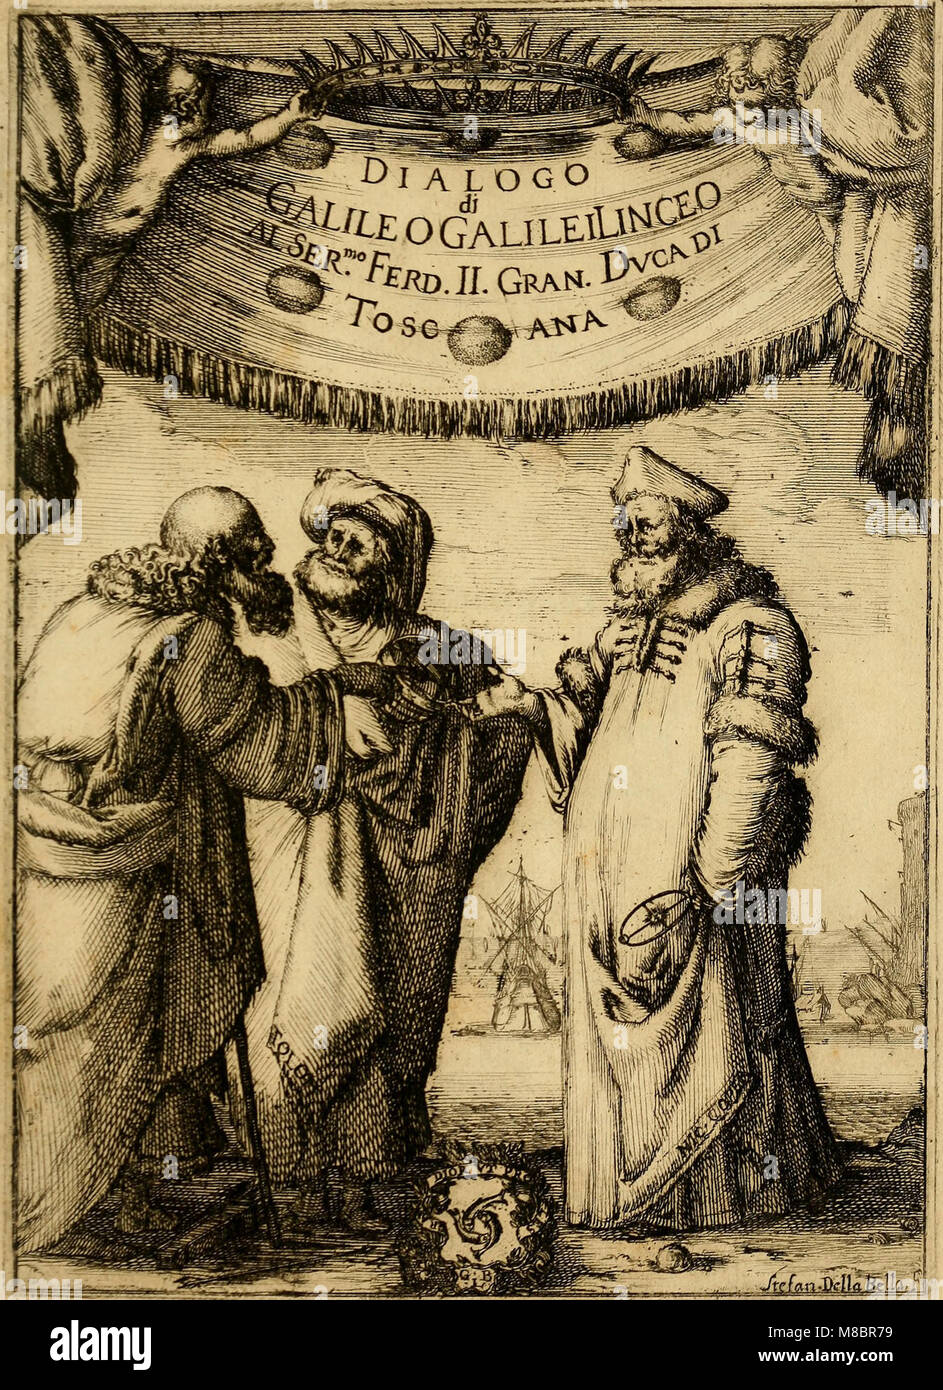 Dialogo di Galileo Galilei Linceo matematico sopraordinario dello studio di Pisa. E filosofo, e matematico primario - Stock Image